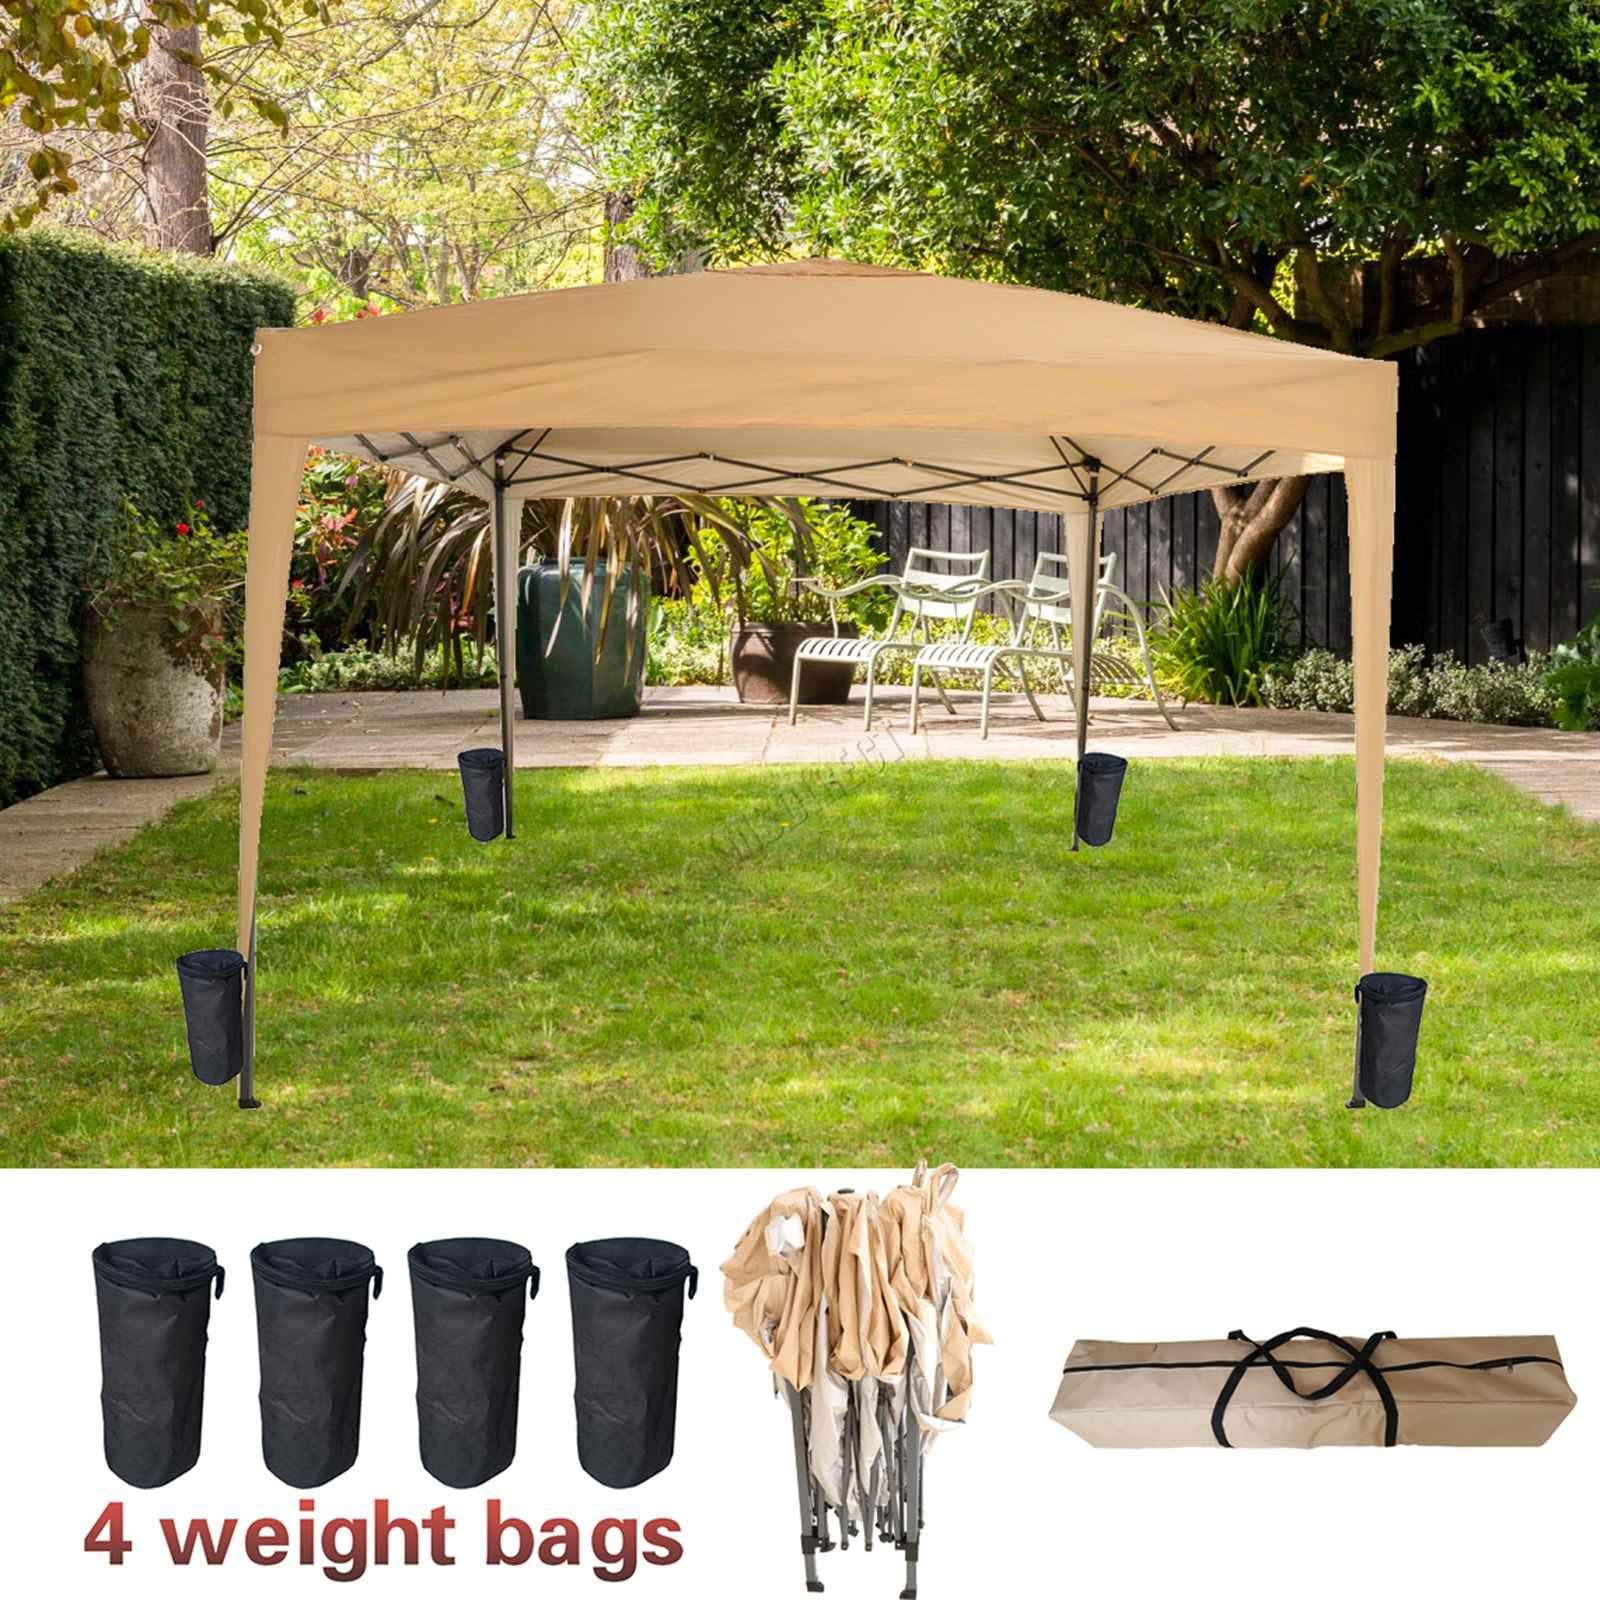 FoxHunter PUG02 - Carpa Impermeable de 3 m x 3 m, con Marco de Acero con Recubrimiento en Polvo de poliéster 300D, 4 Bolsas de Peso, Color Beige: Amazon.es: Jardín